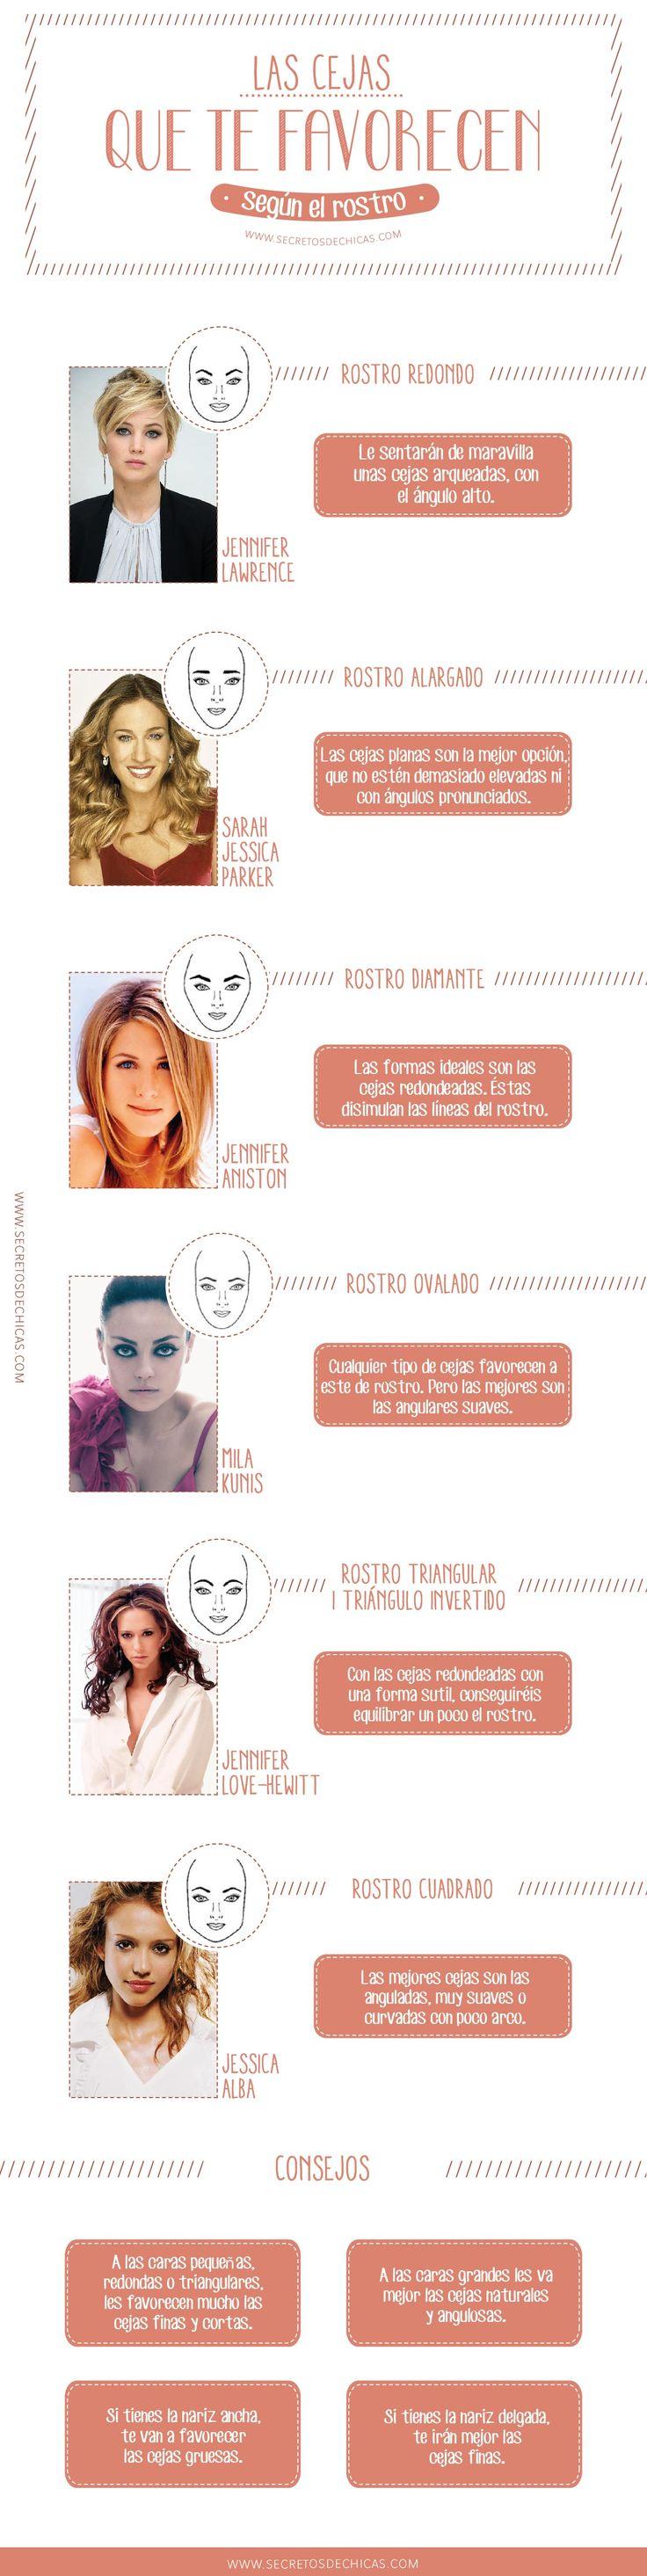 Así debes usar las cejas según tu rostro                                                                                                                                                     Más